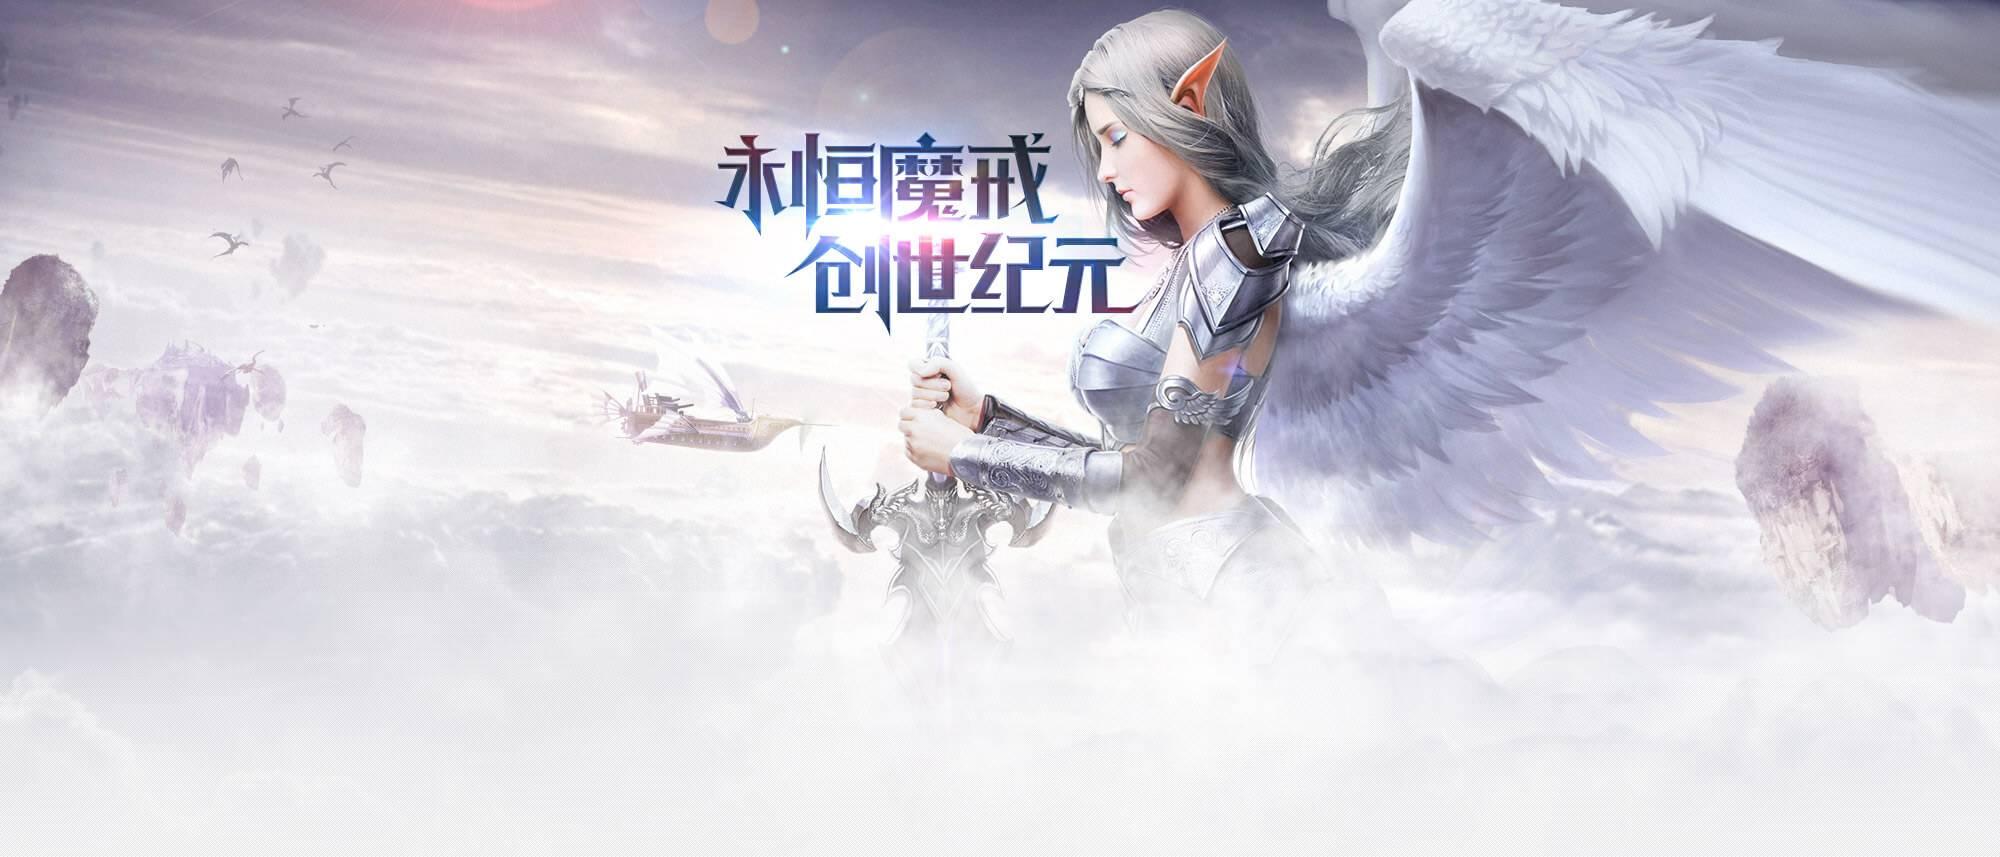 永恒纪元 九游版